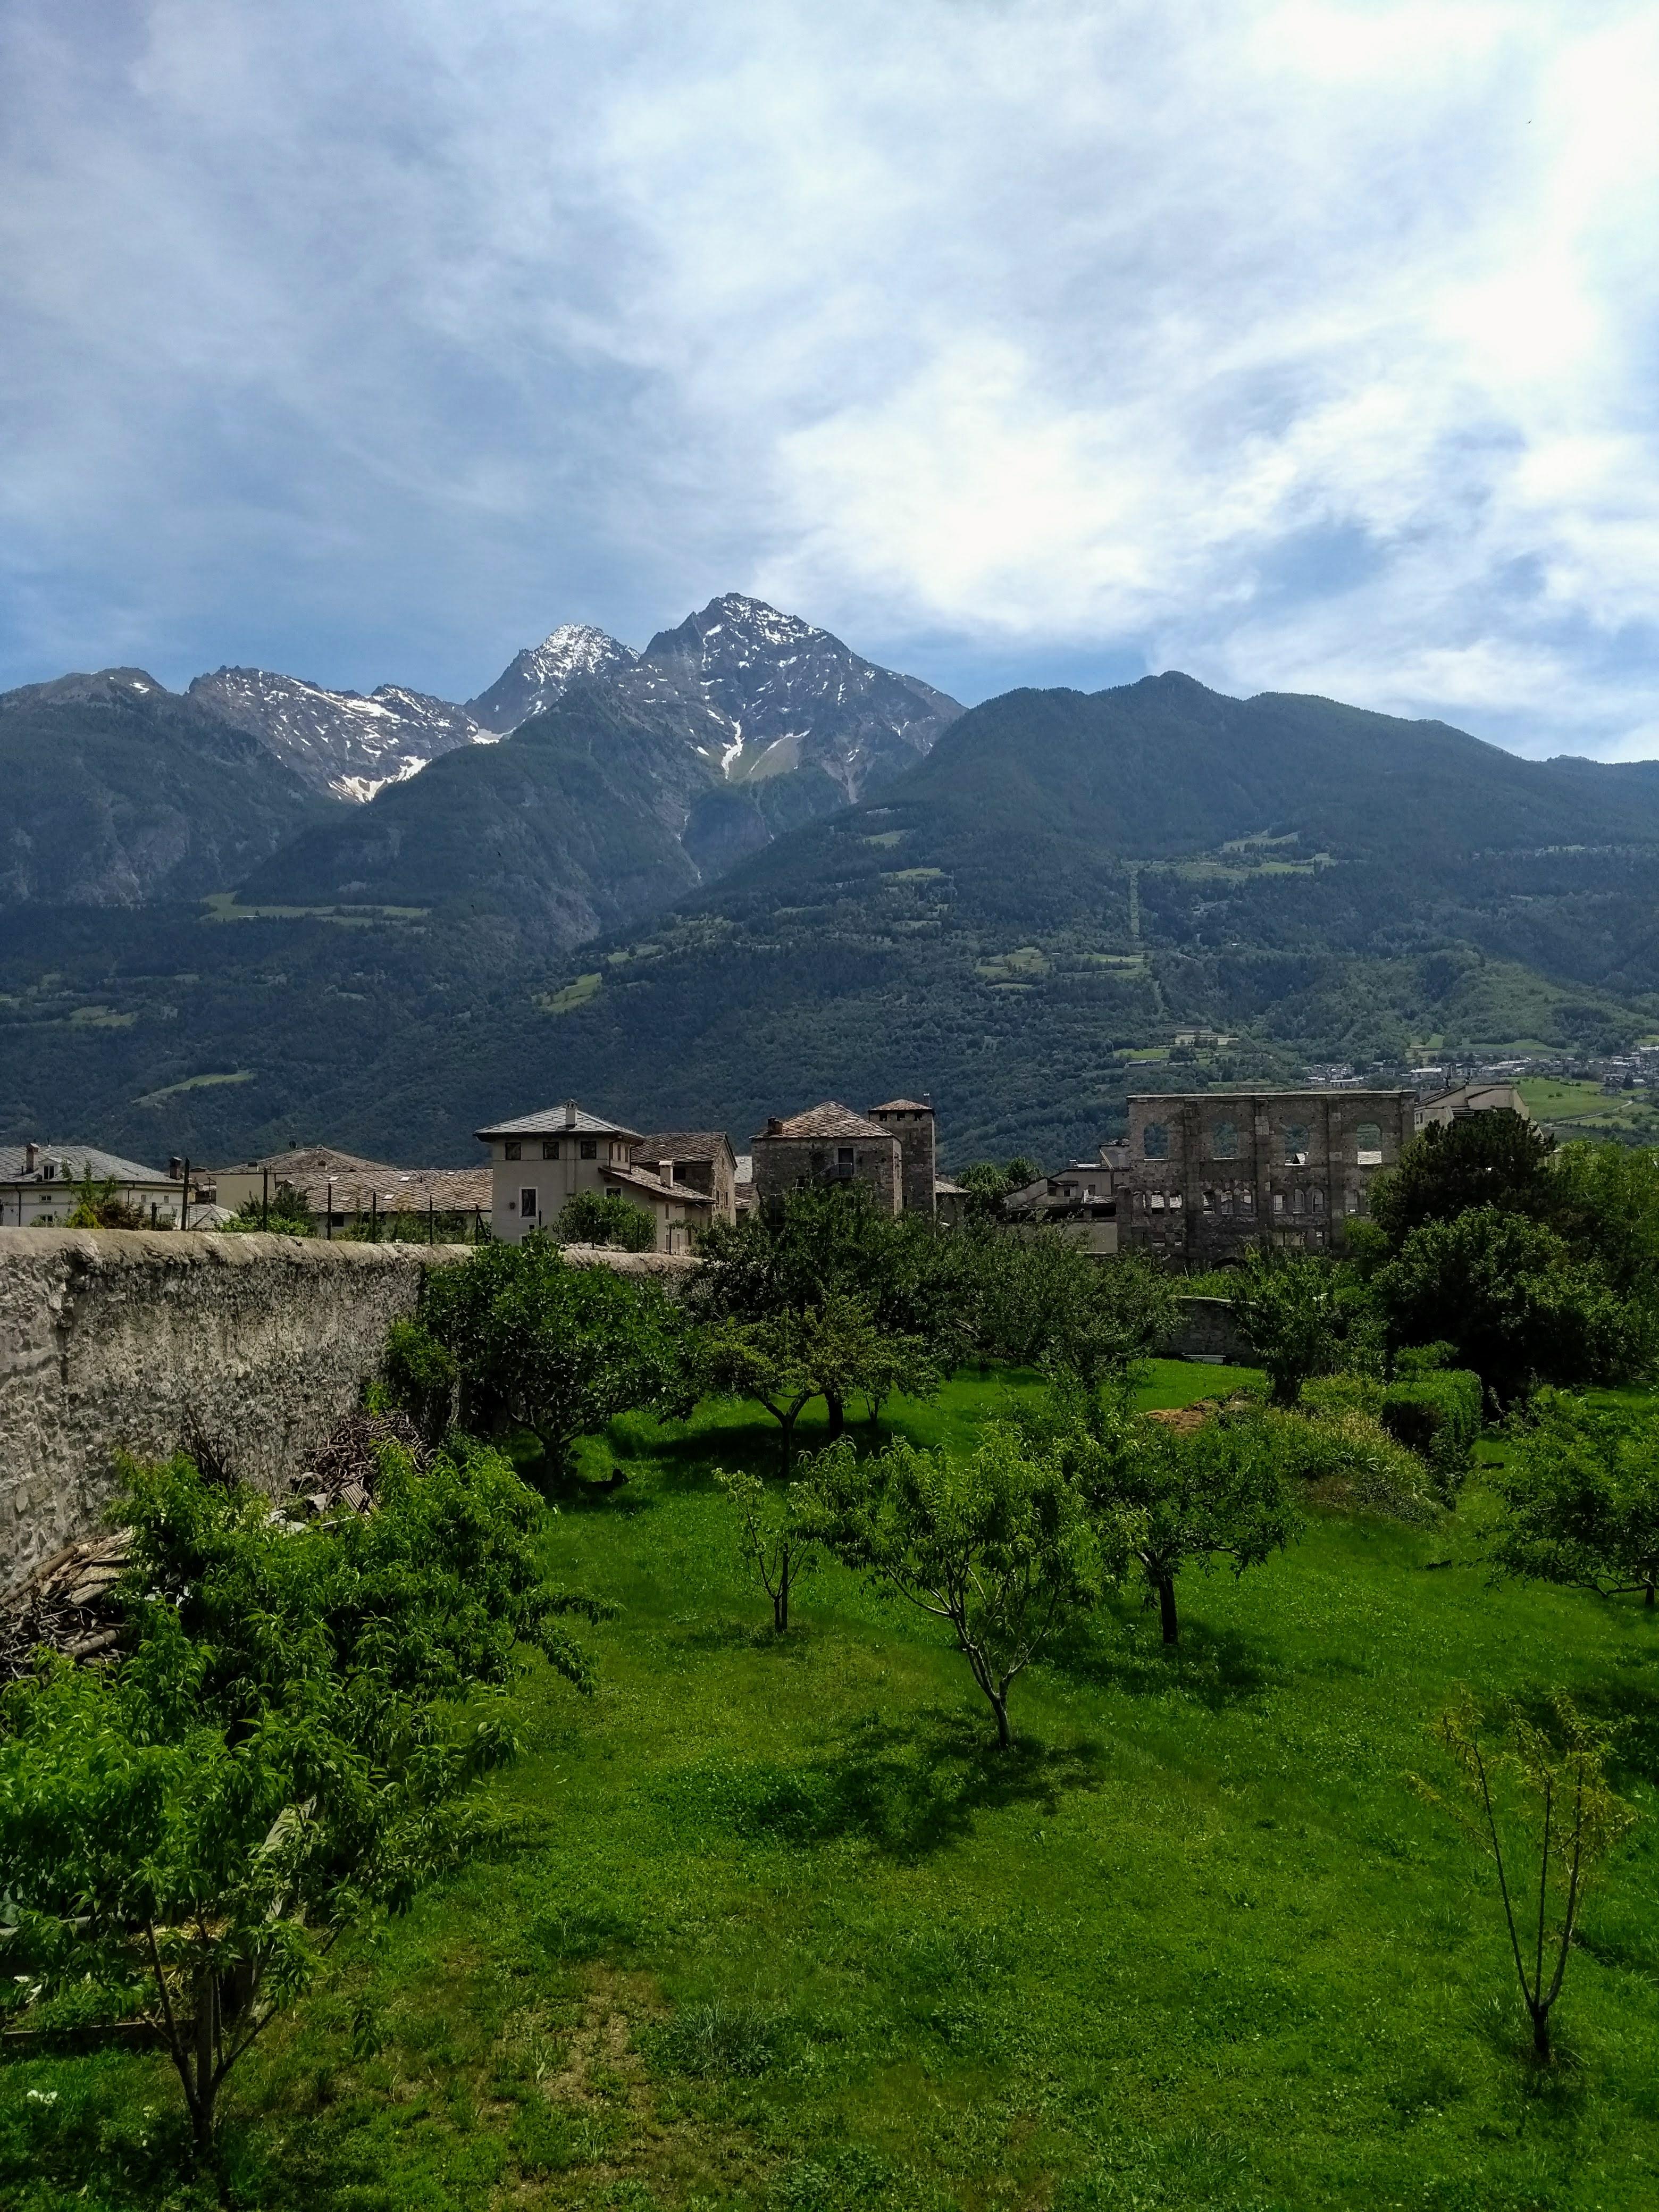 Aosta views mountain walks and city tours